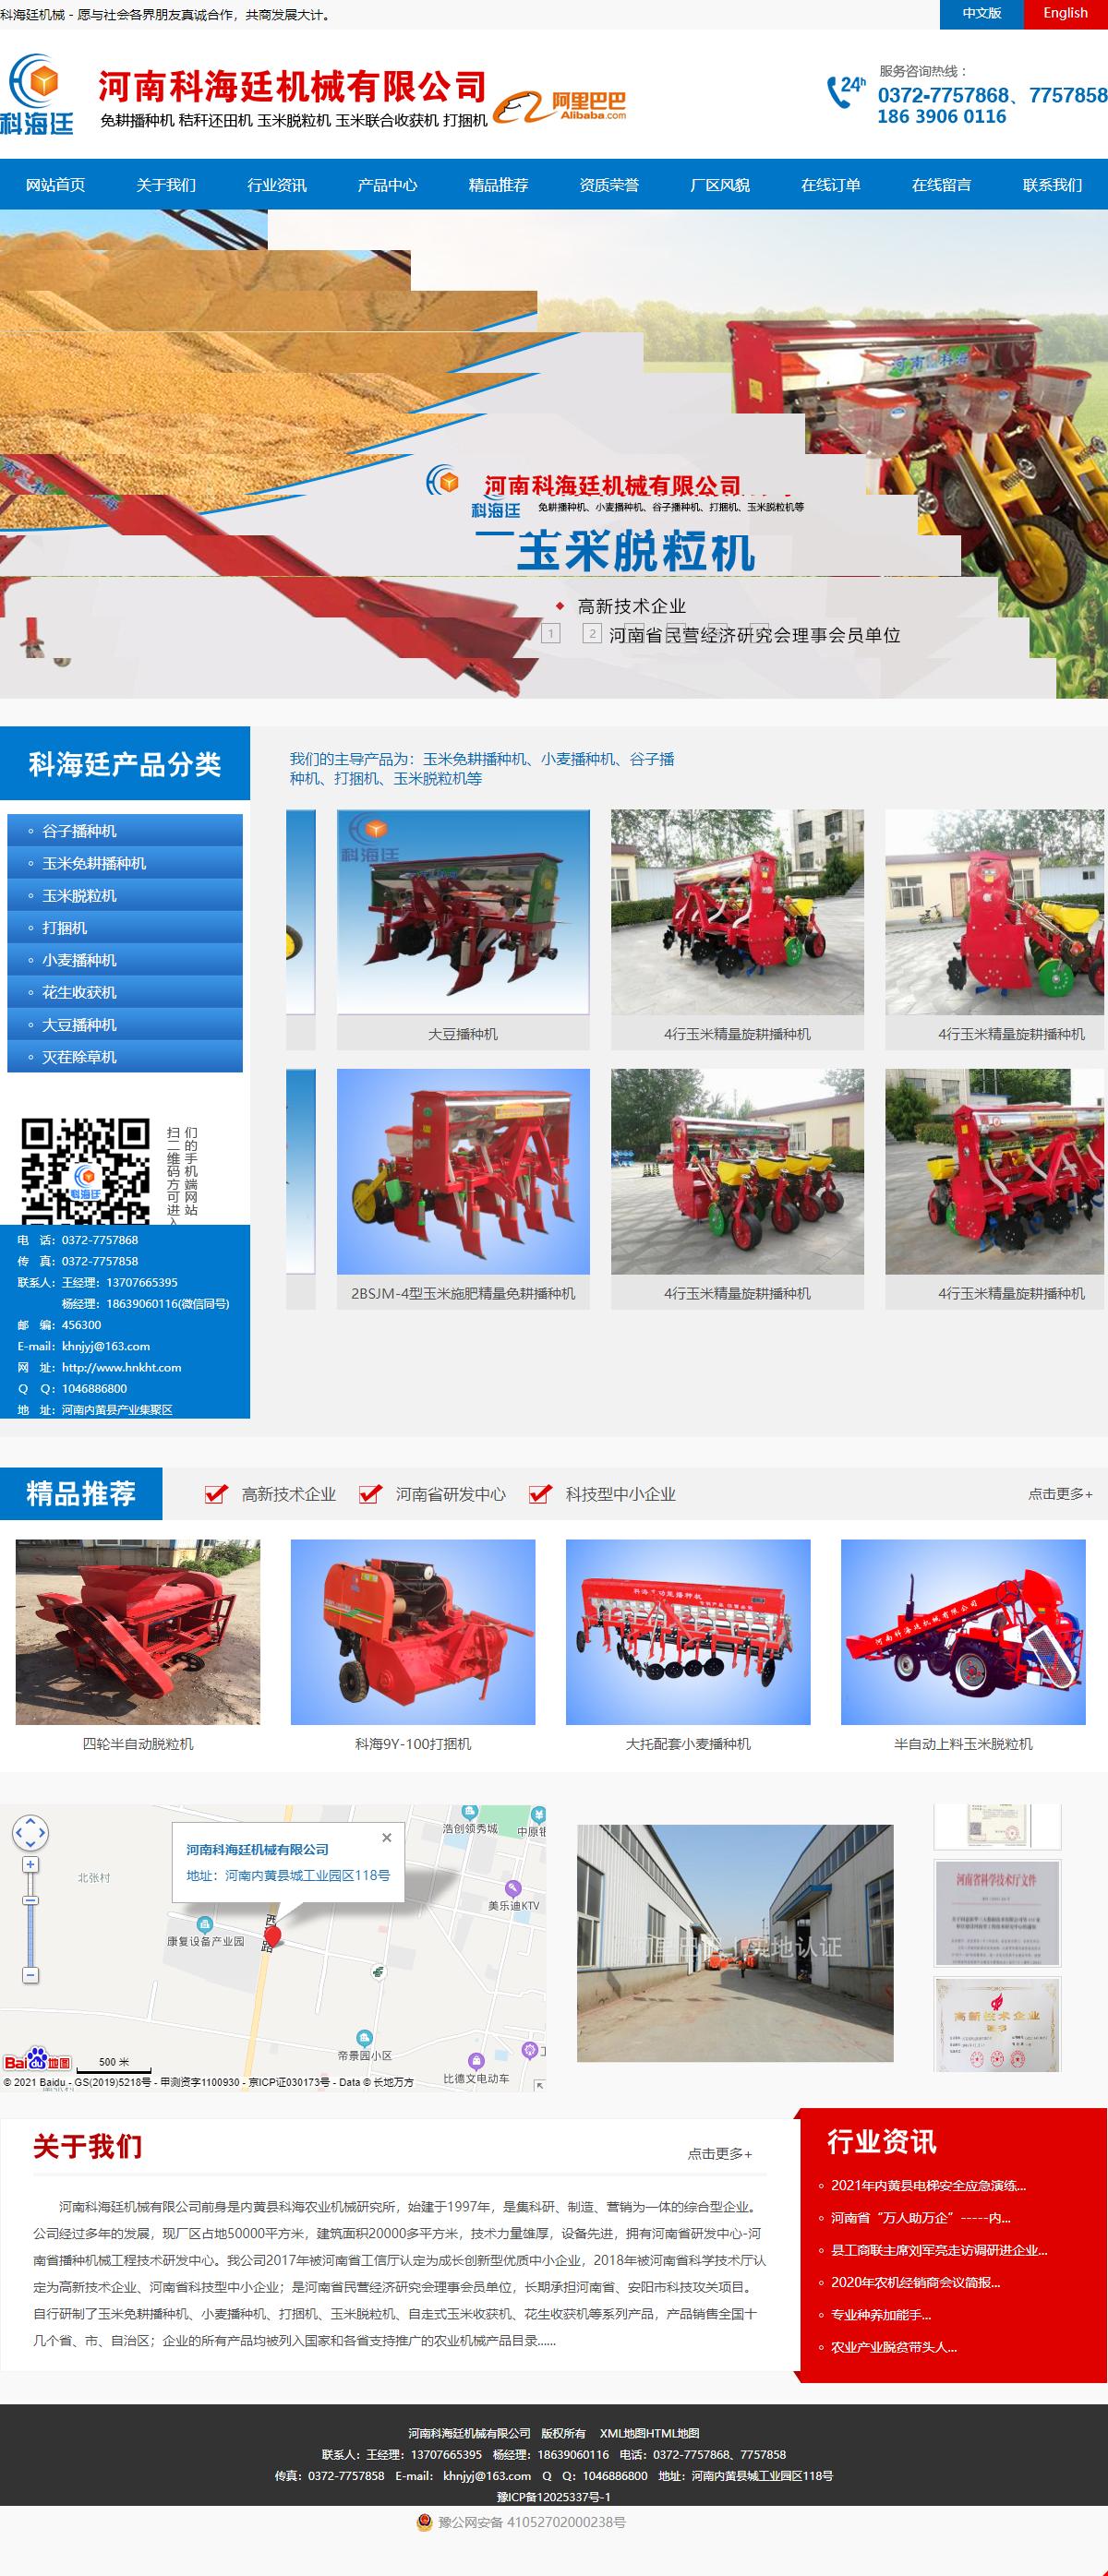 河南科海廷机械有限公司网站案例